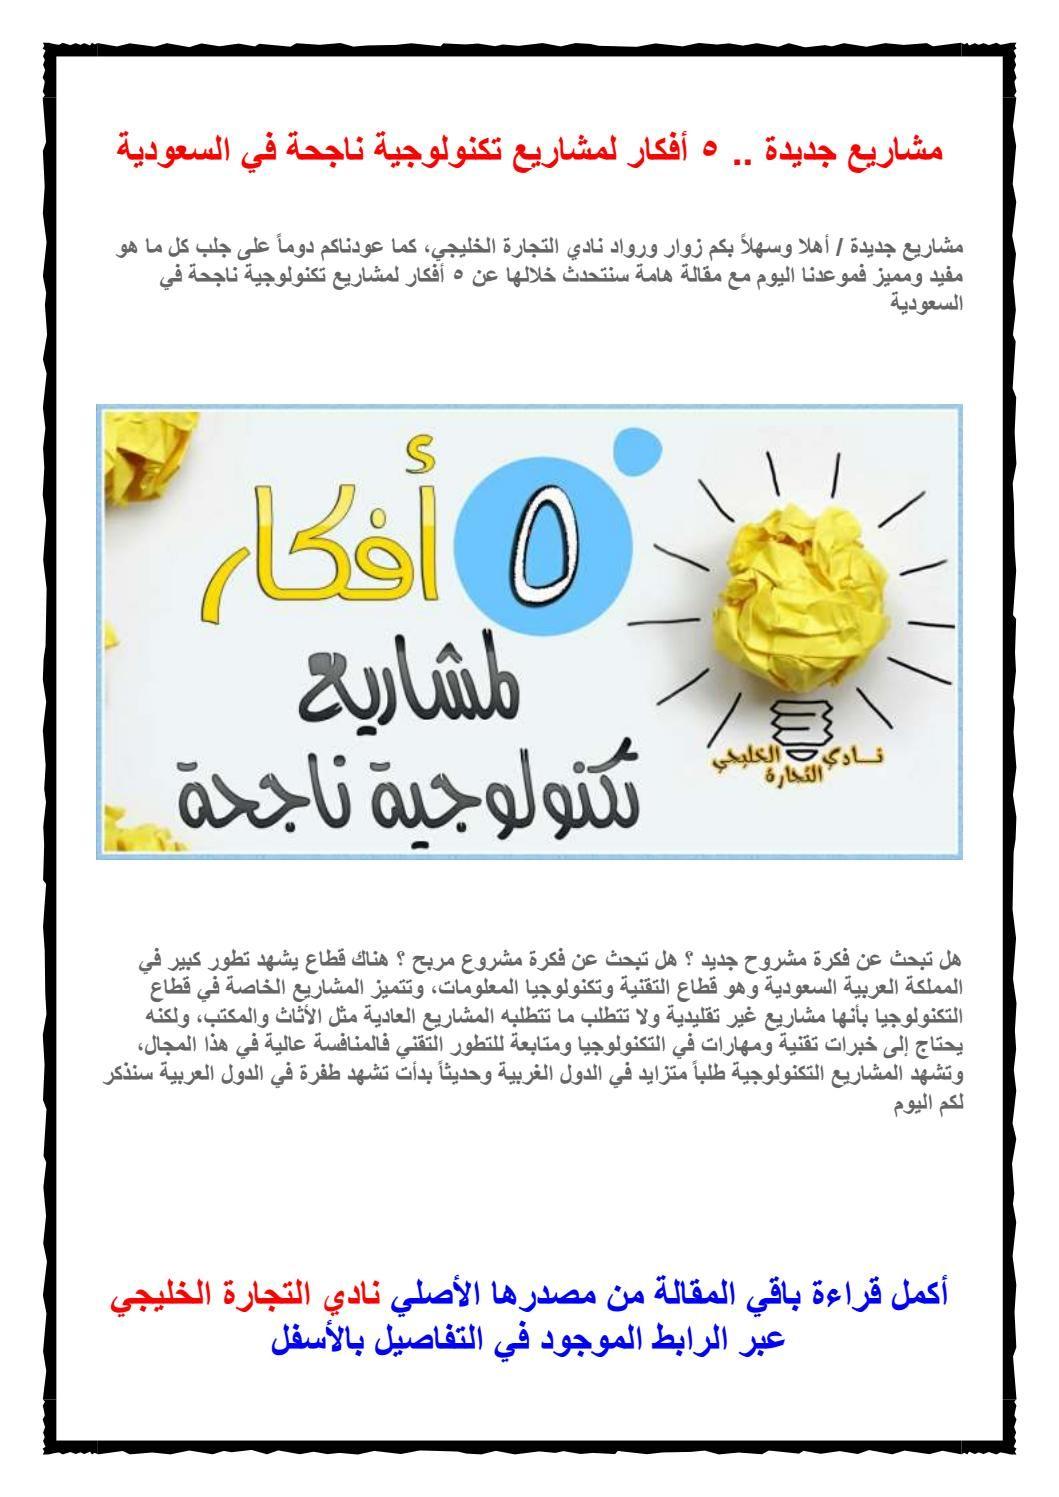 مشاريع جديدة 5 أفكار لمشاريع تكنولوجية ناجحة في السعودية